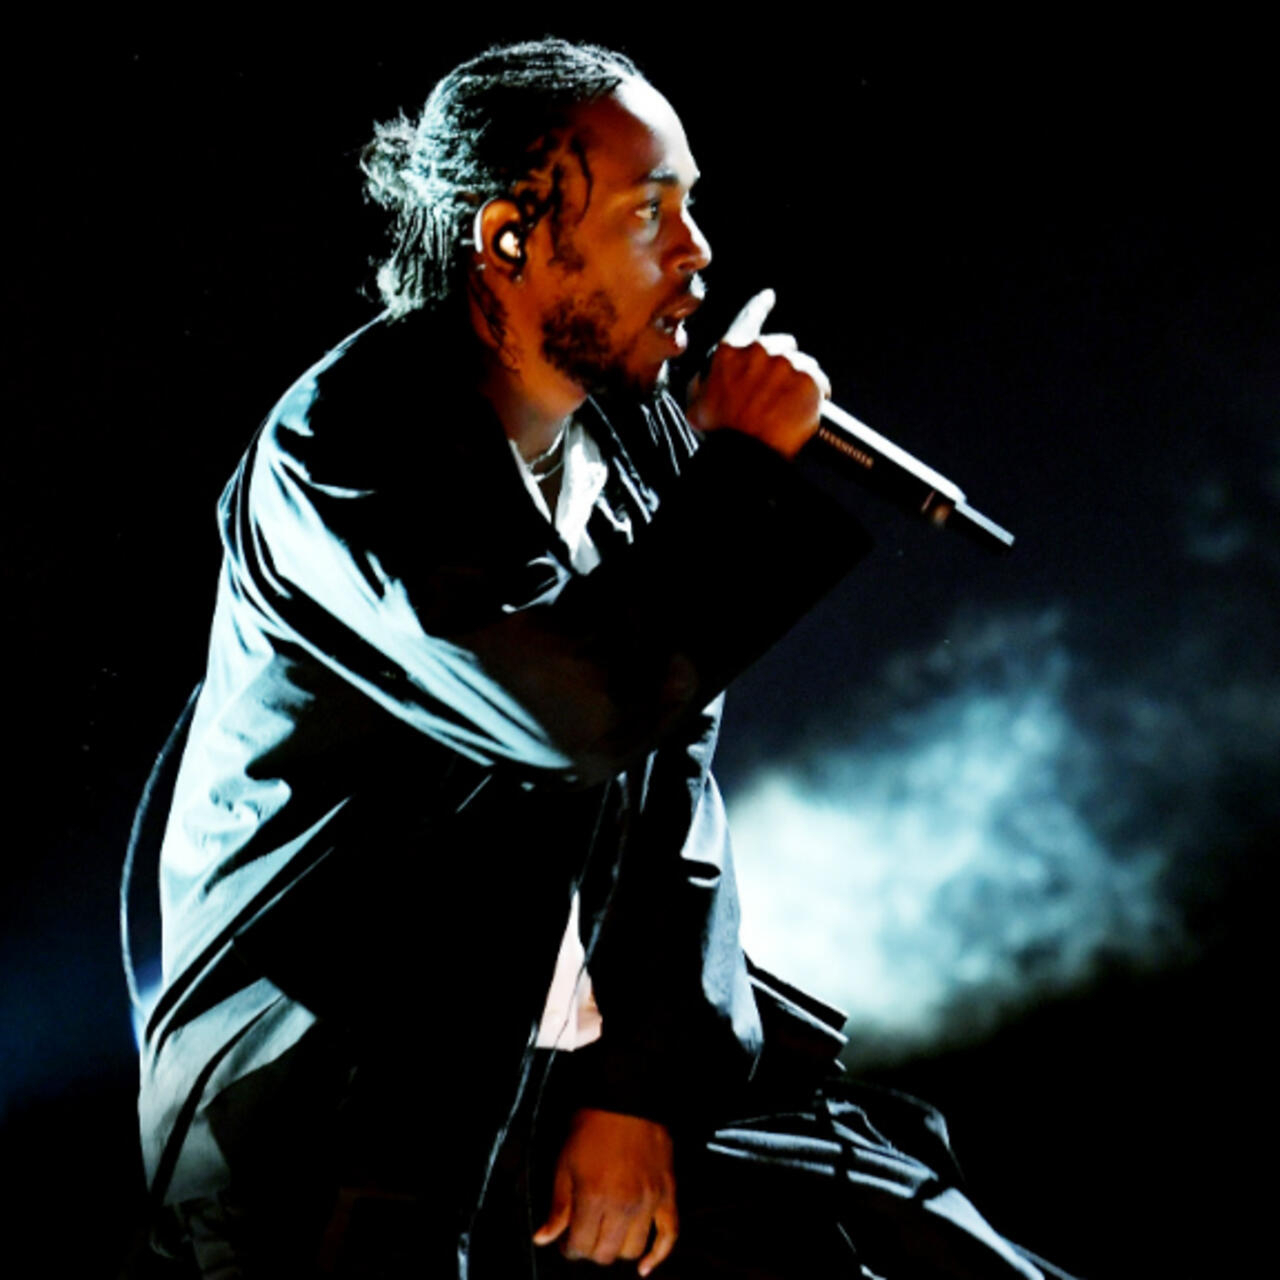 Black Panther Kendrick Lamar Album Download - Adimerdeka.com